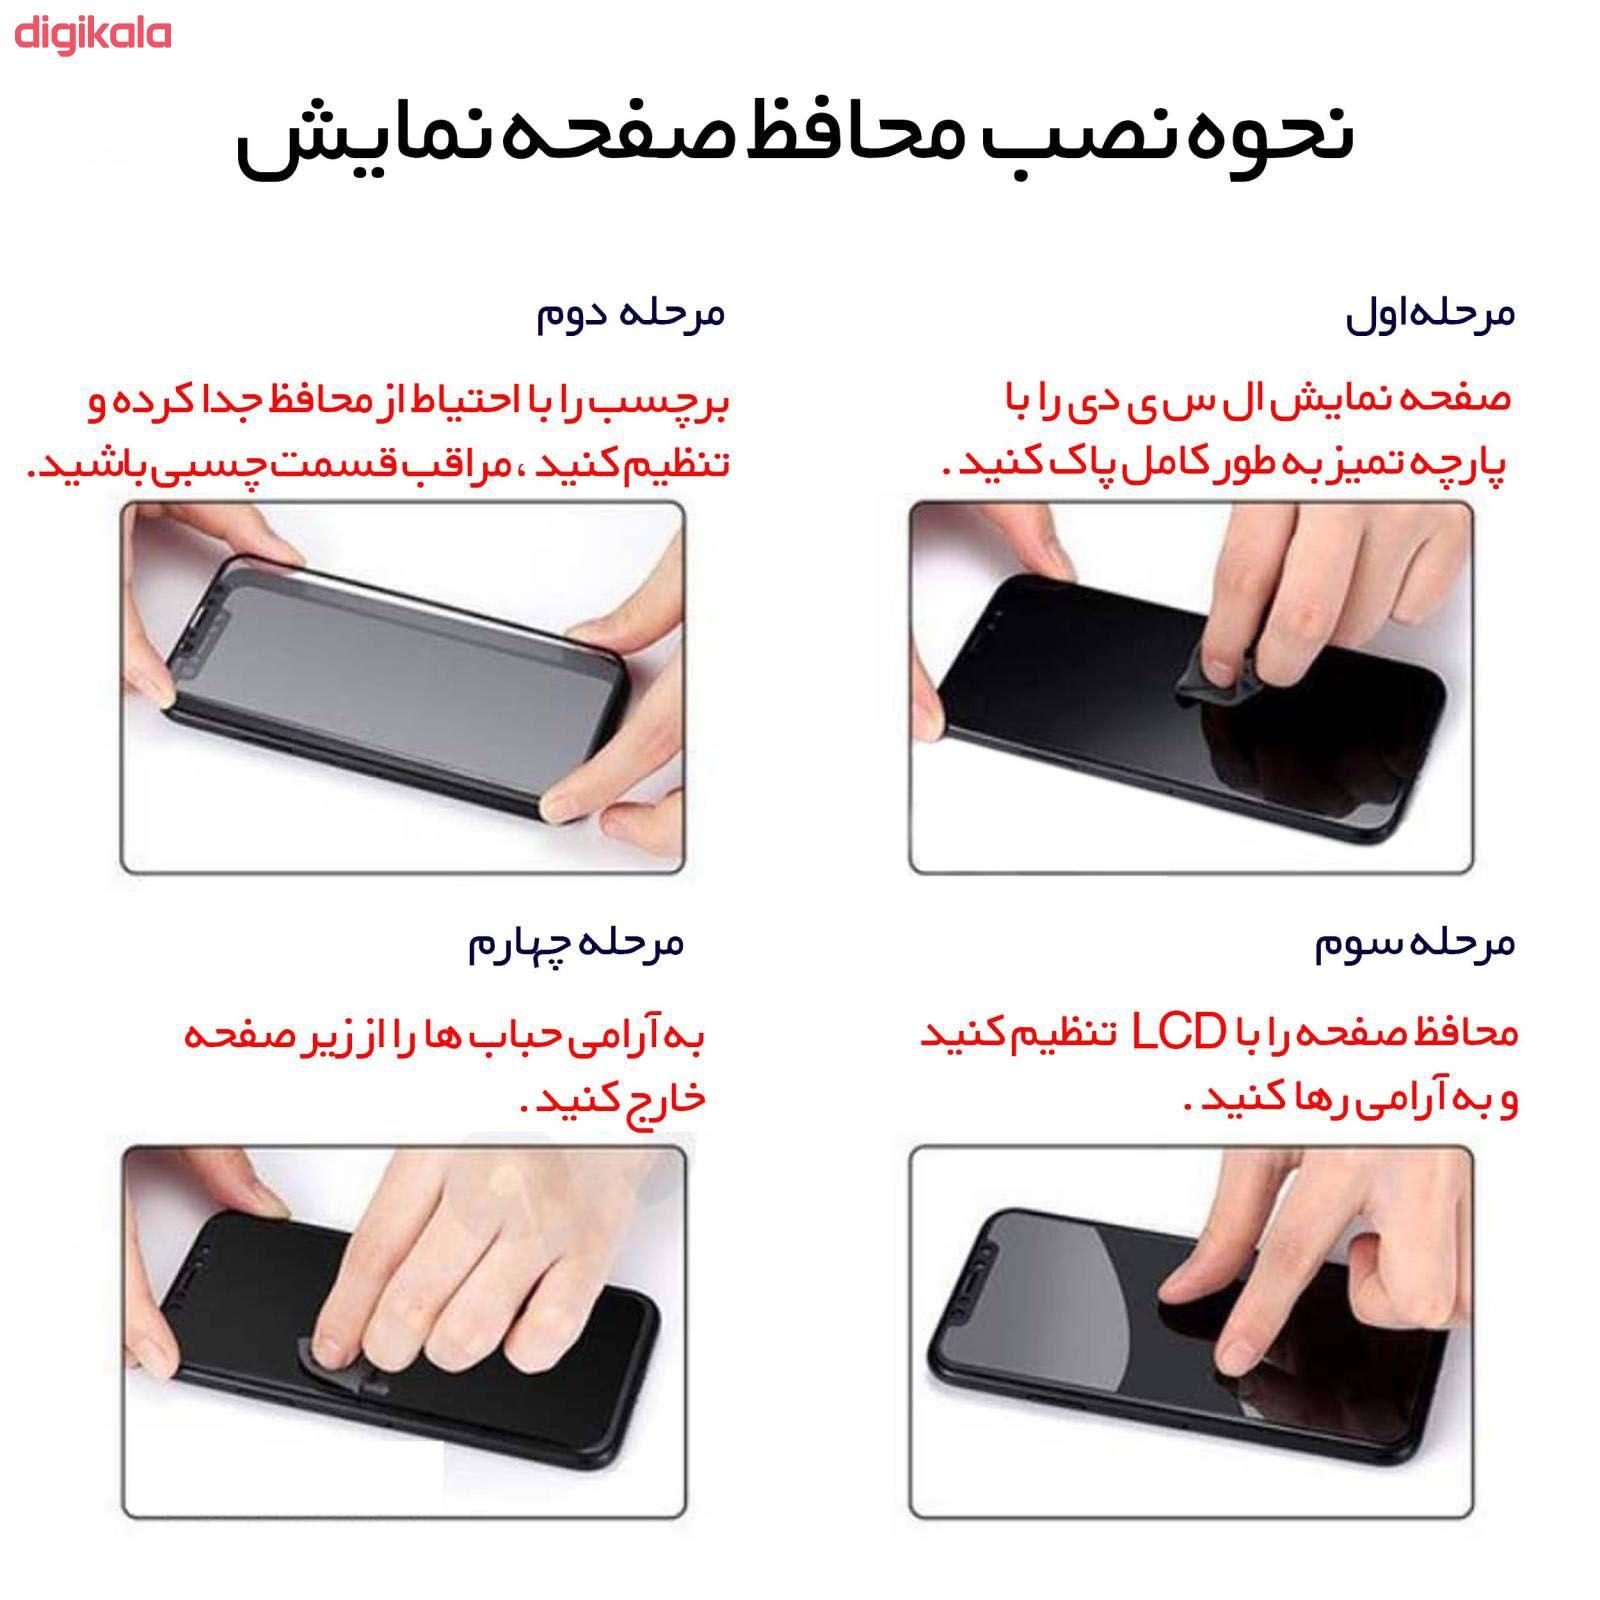 محافظ صفحه نمایش سرامیکی گوف مدل CER-CL مناسب برای گوشی موبایل سامسونگ Galaxy A31 main 1 3